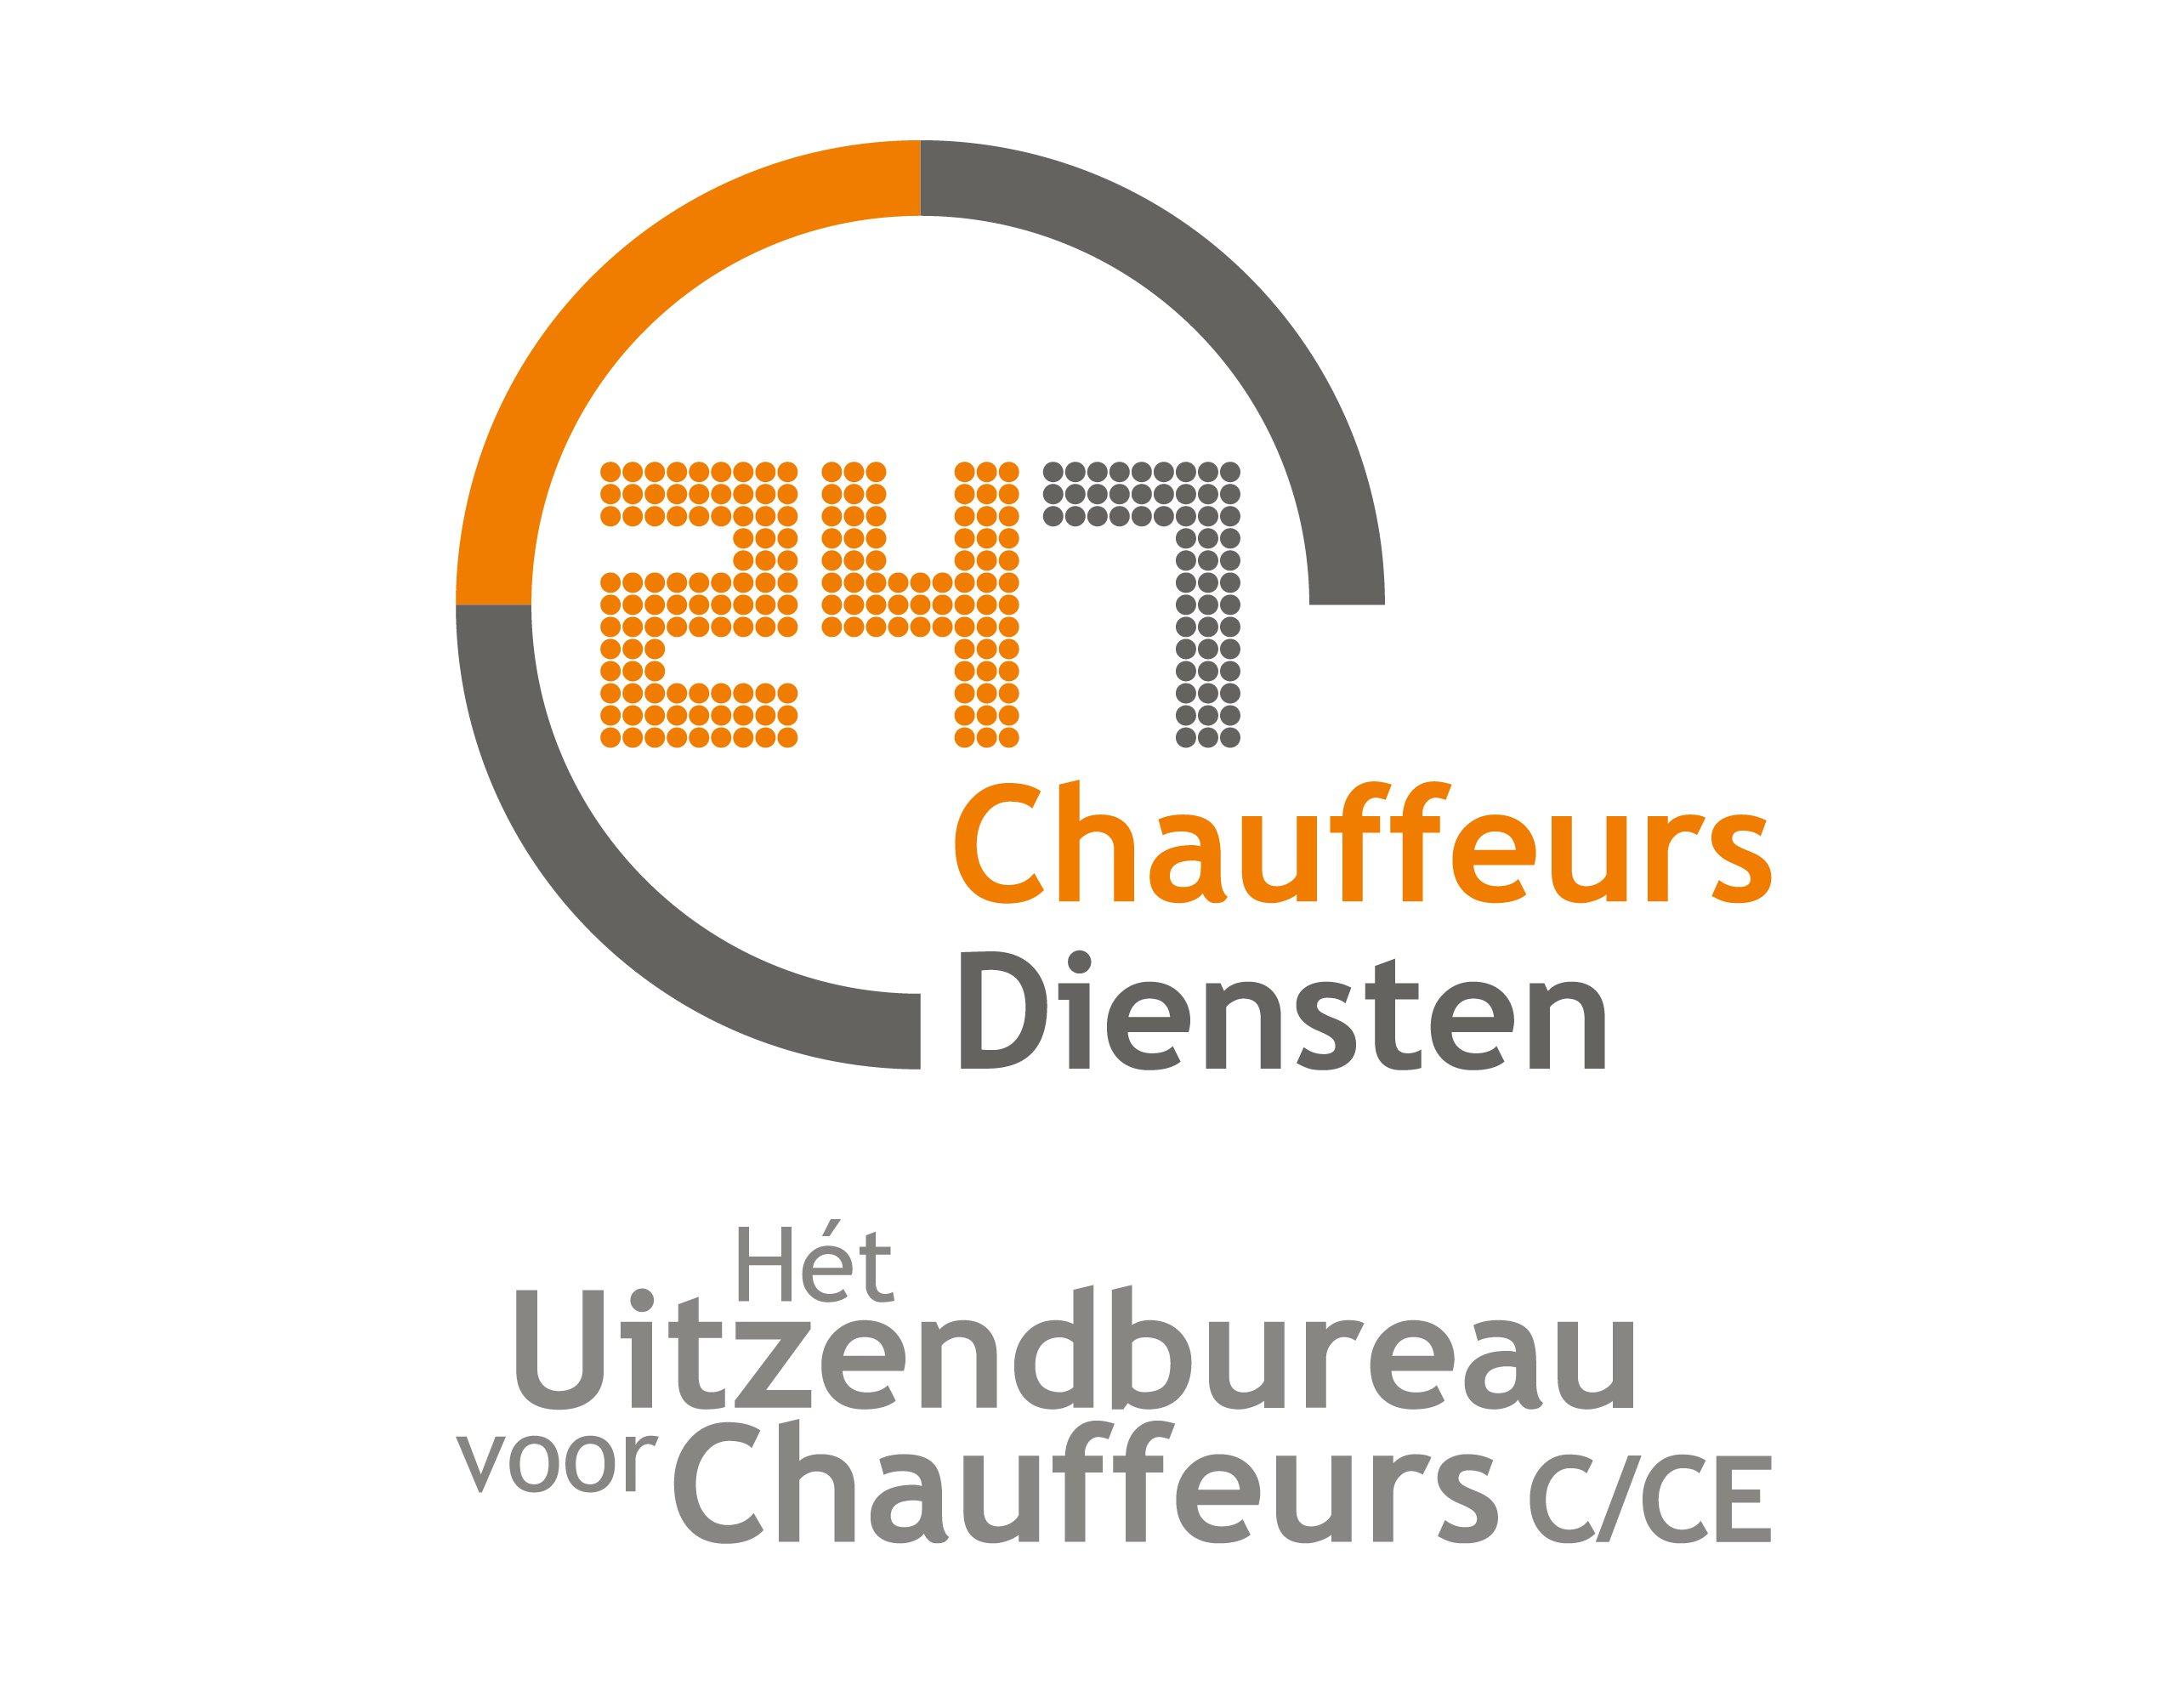 24/7 Chauffeursdiensten: Parttime CE Chauffeur